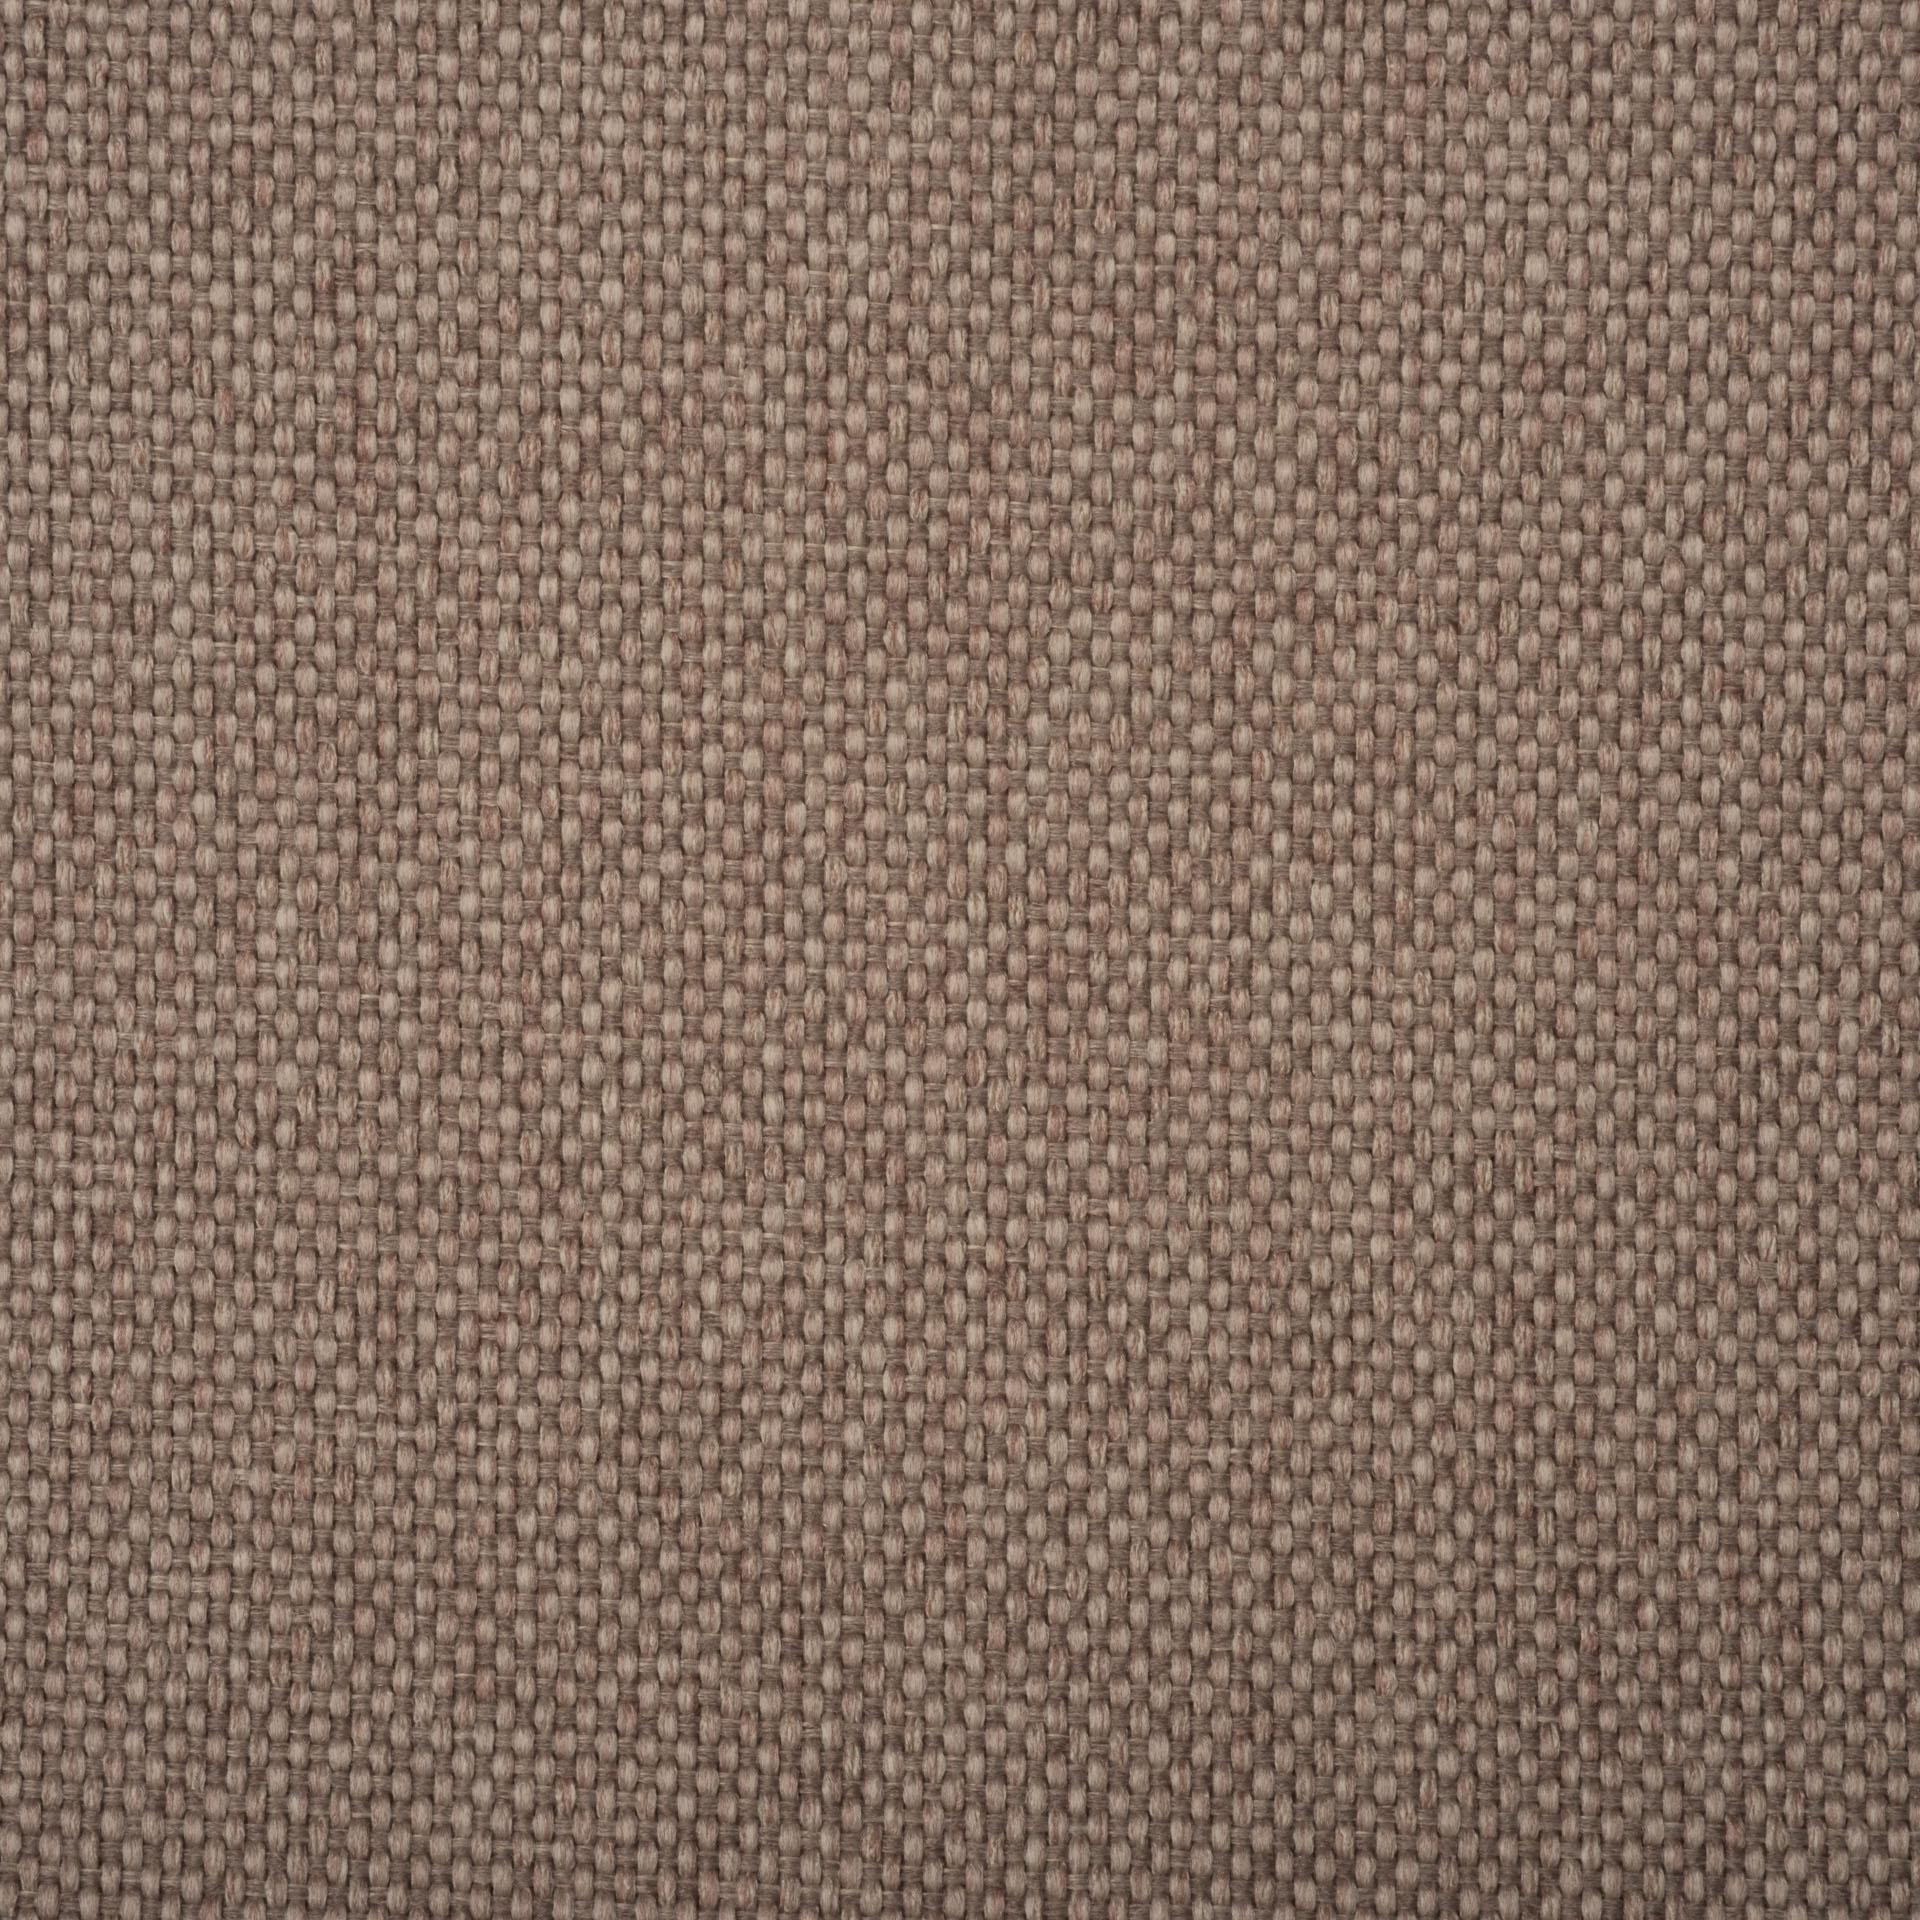 Коллекция ткани Багама 33 Latte,  купить ткань Жаккард для мебели Украина